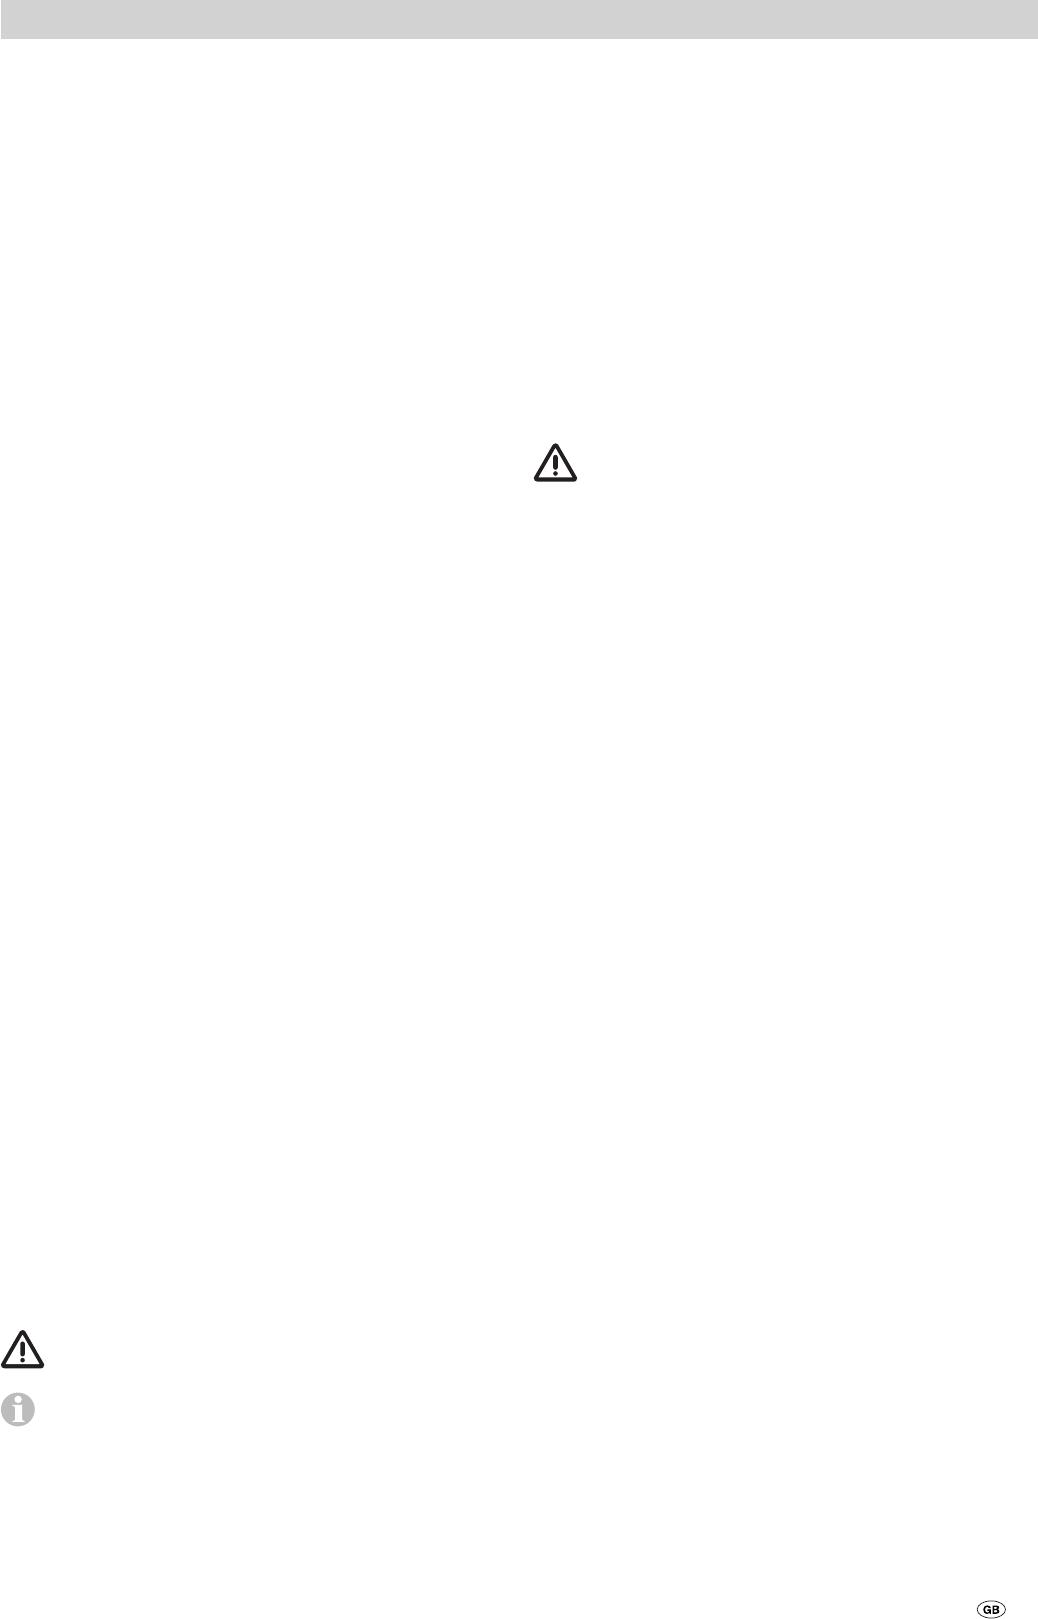 Bedienungsanleitung Trumatic E 4000 A (Seite 14 von 88) (Dänisch ...